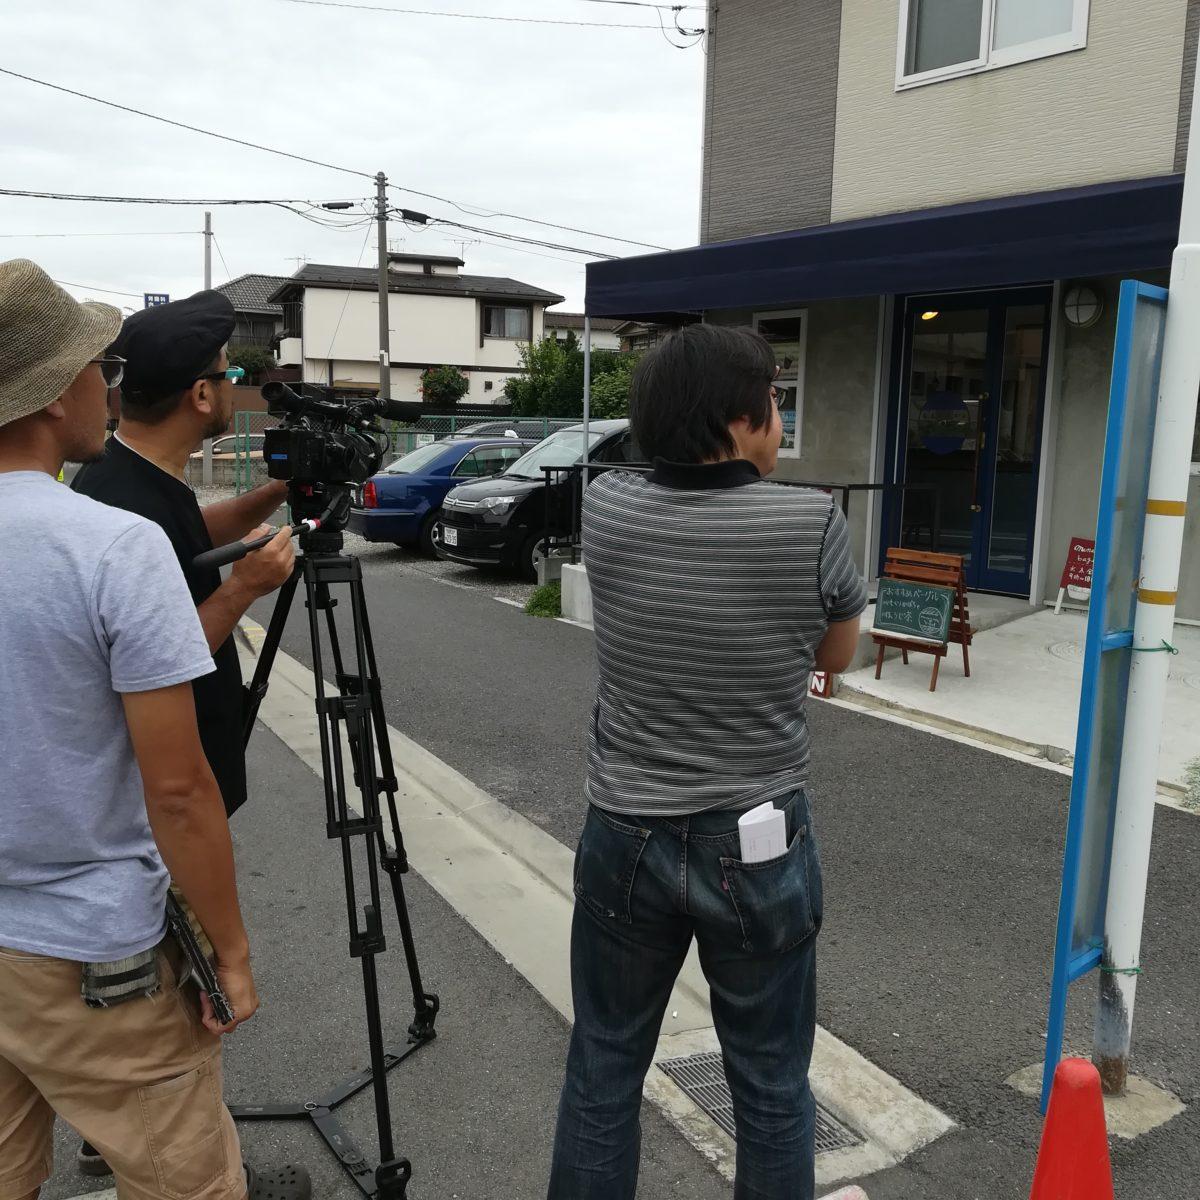 ※ブログ更新※ベーグル屋のあれこれ:千葉テレビ「熱血BO-SO TV」の取材を受けました!10月12日オンエア予定!